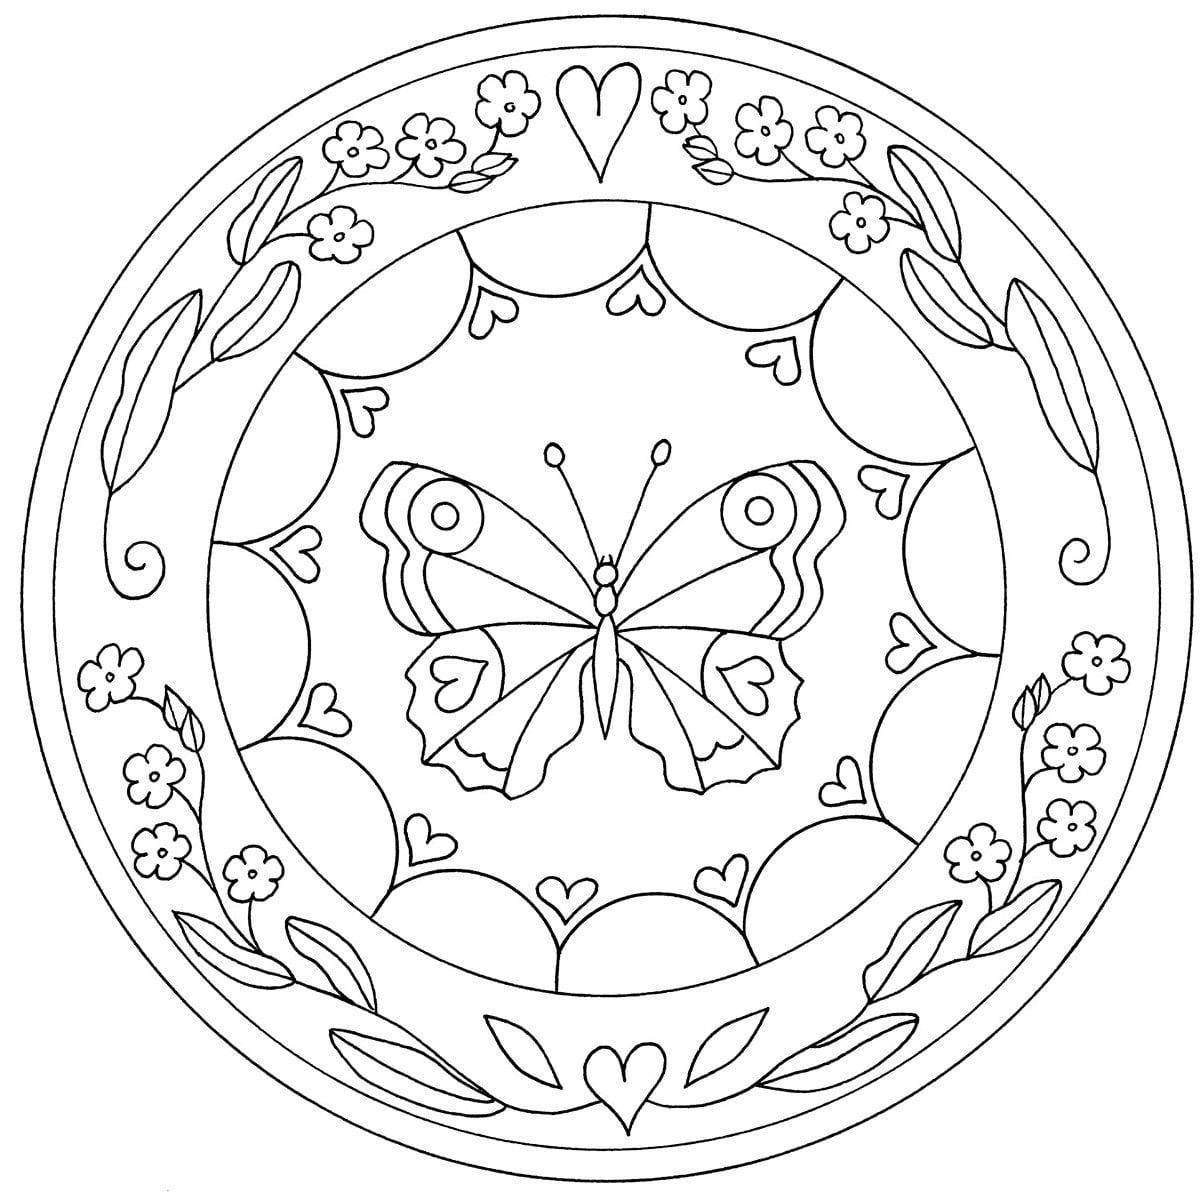 40 Desenhos De Mandala Para Colorir, Pintar, Imprimir! Riscos